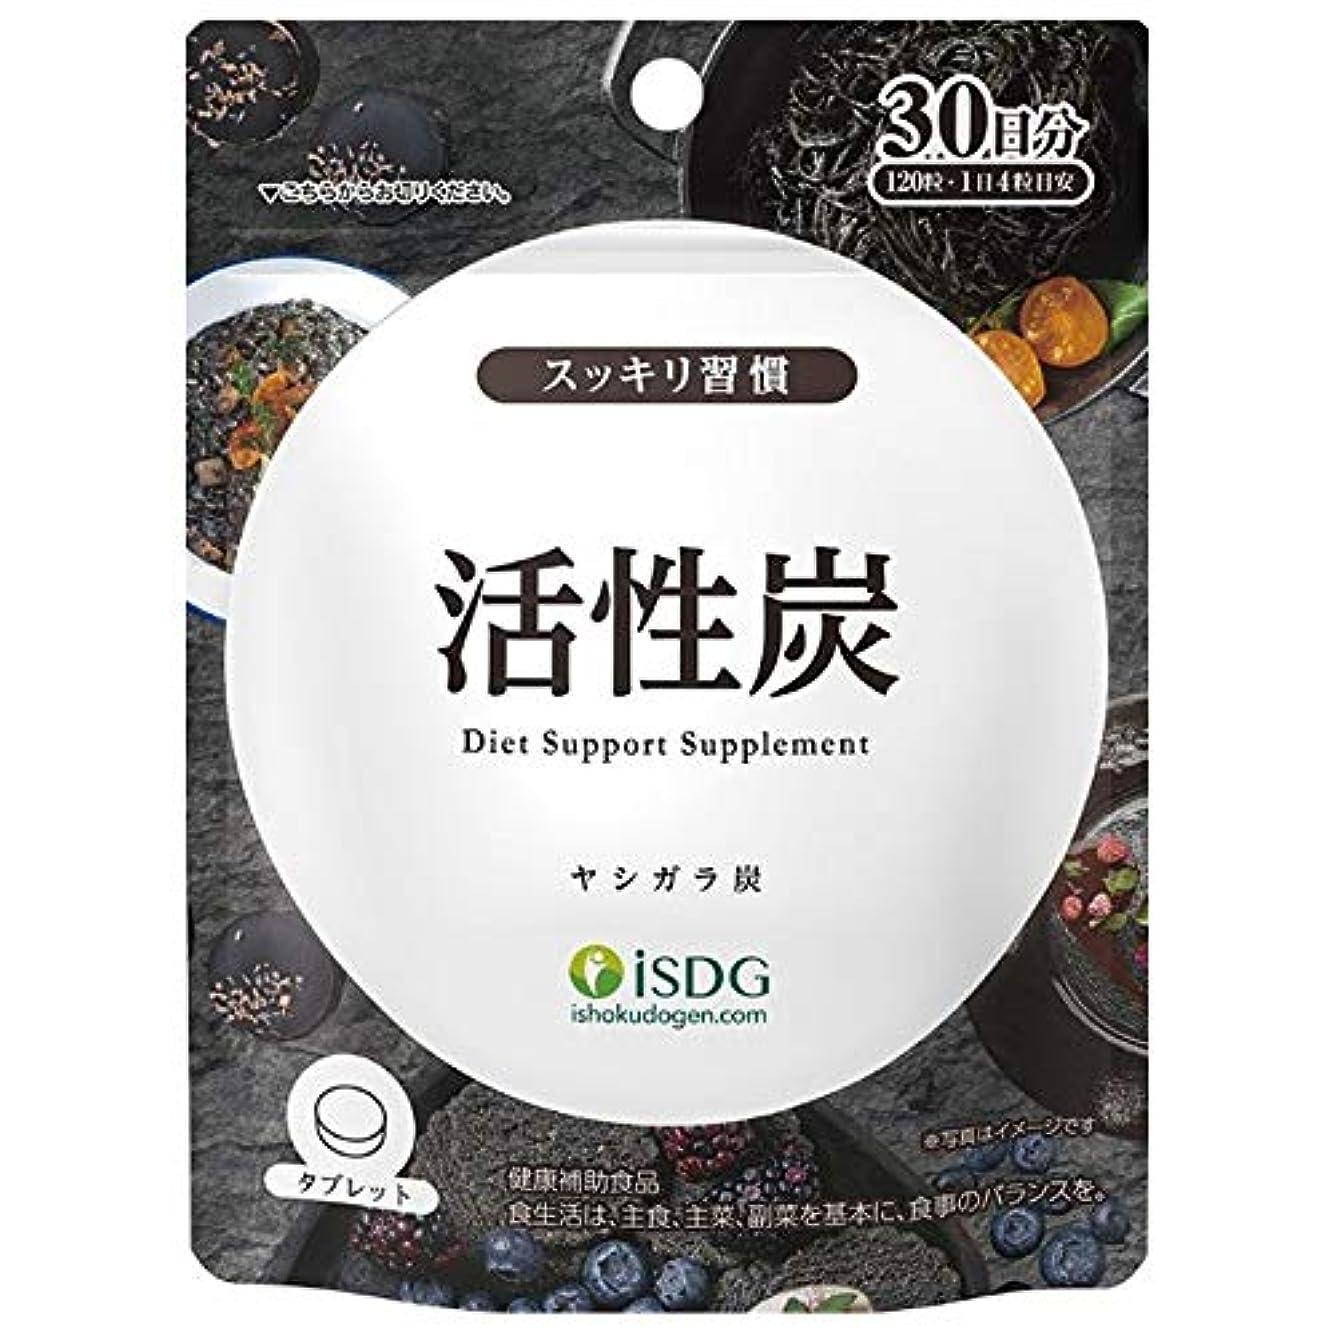 明るくする規範アミューズISDG 医食同源ドットコム 活性炭 [ヤシガラ炭 400mg配合/4粒] 120粒 30日分